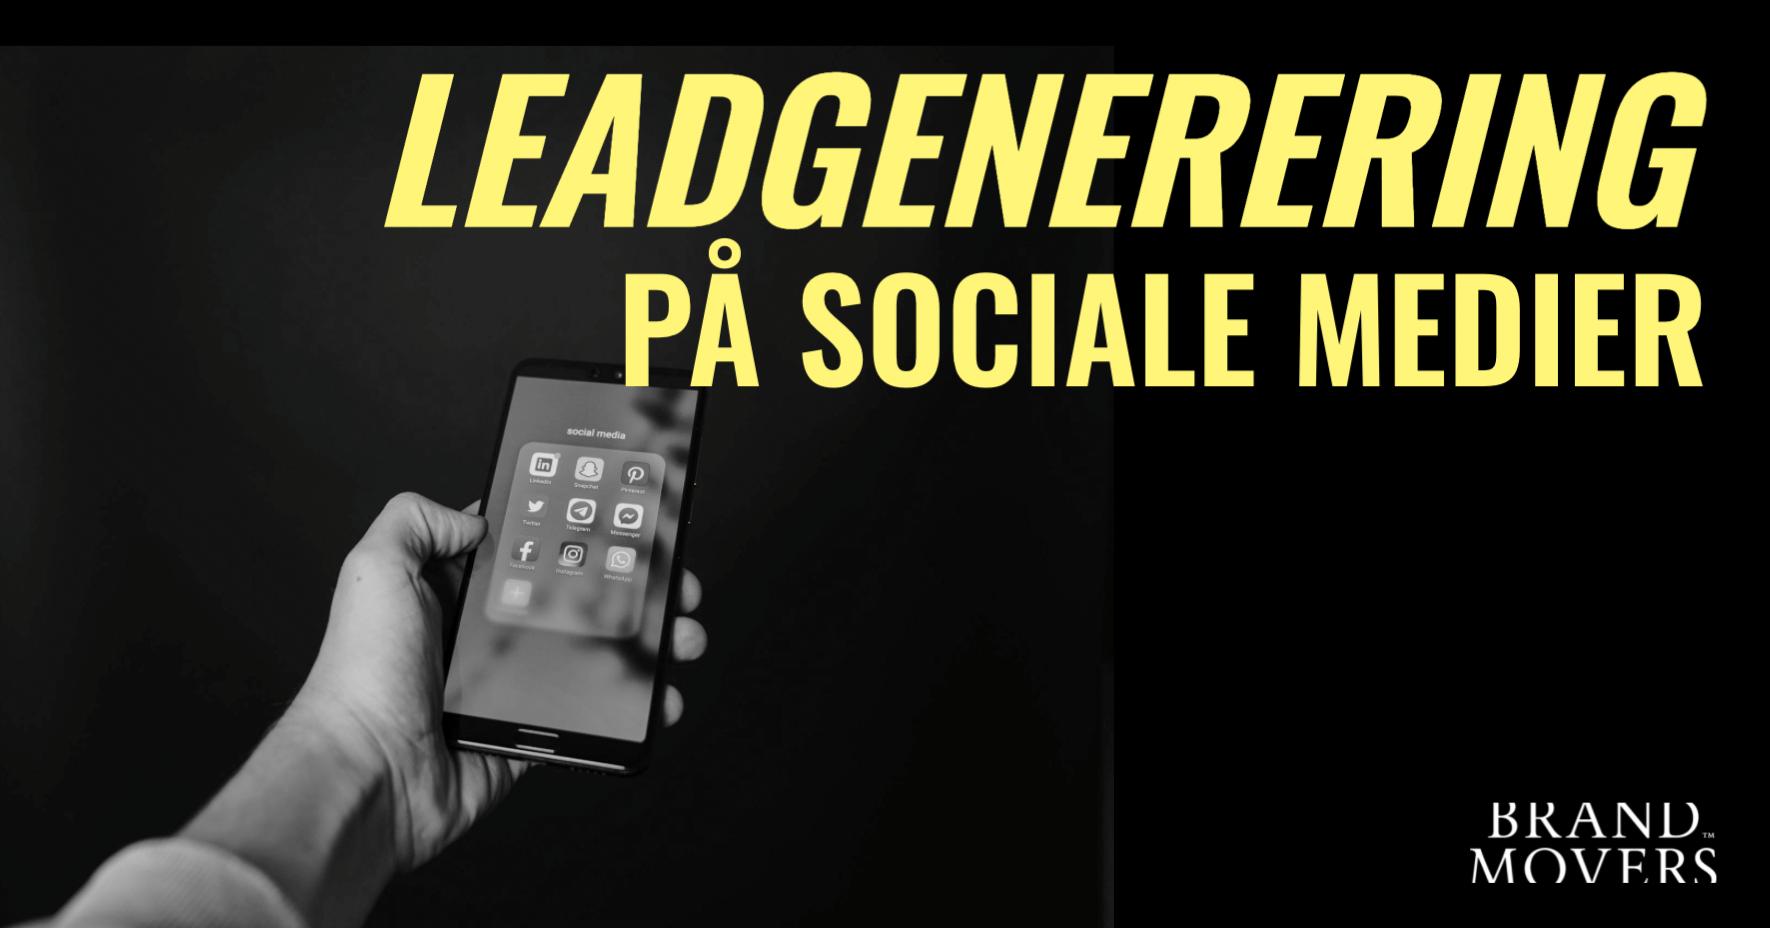 Leadgenerering på sociale medier: syv principper for at opsamle leads på Facebook, Instagram og LinkedIn